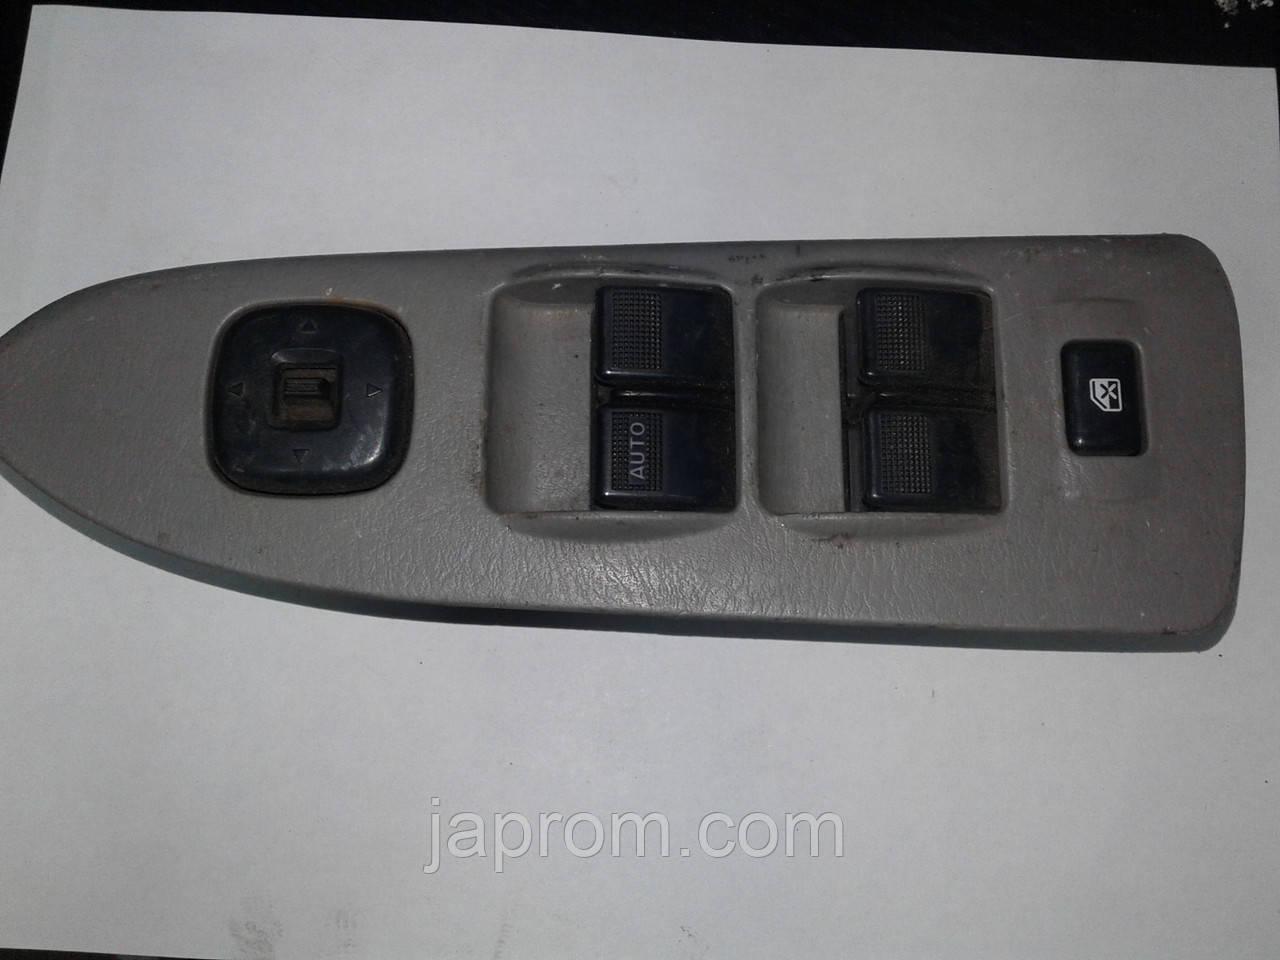 Блок кнопок стеклоподъемников и регулировки зеркал(на 4дв) Mazda Premacy 1998-2005г.в.